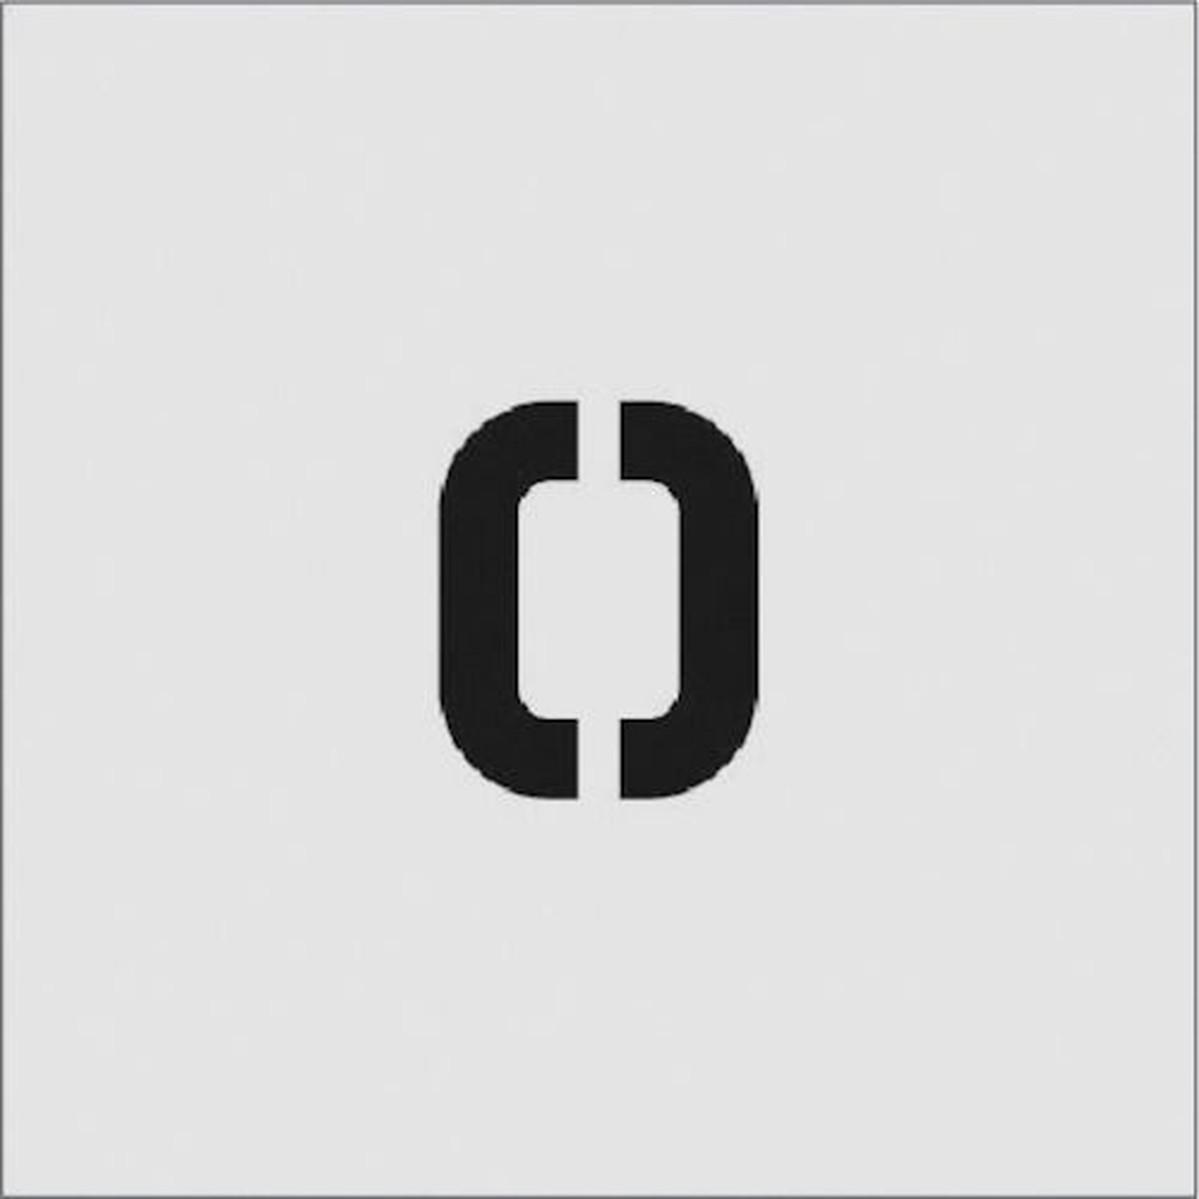 あす楽対応 DIY用品 日本正規品 IM ステンシル O お得クーポン発行中 文字サイズ50×40mm 1枚